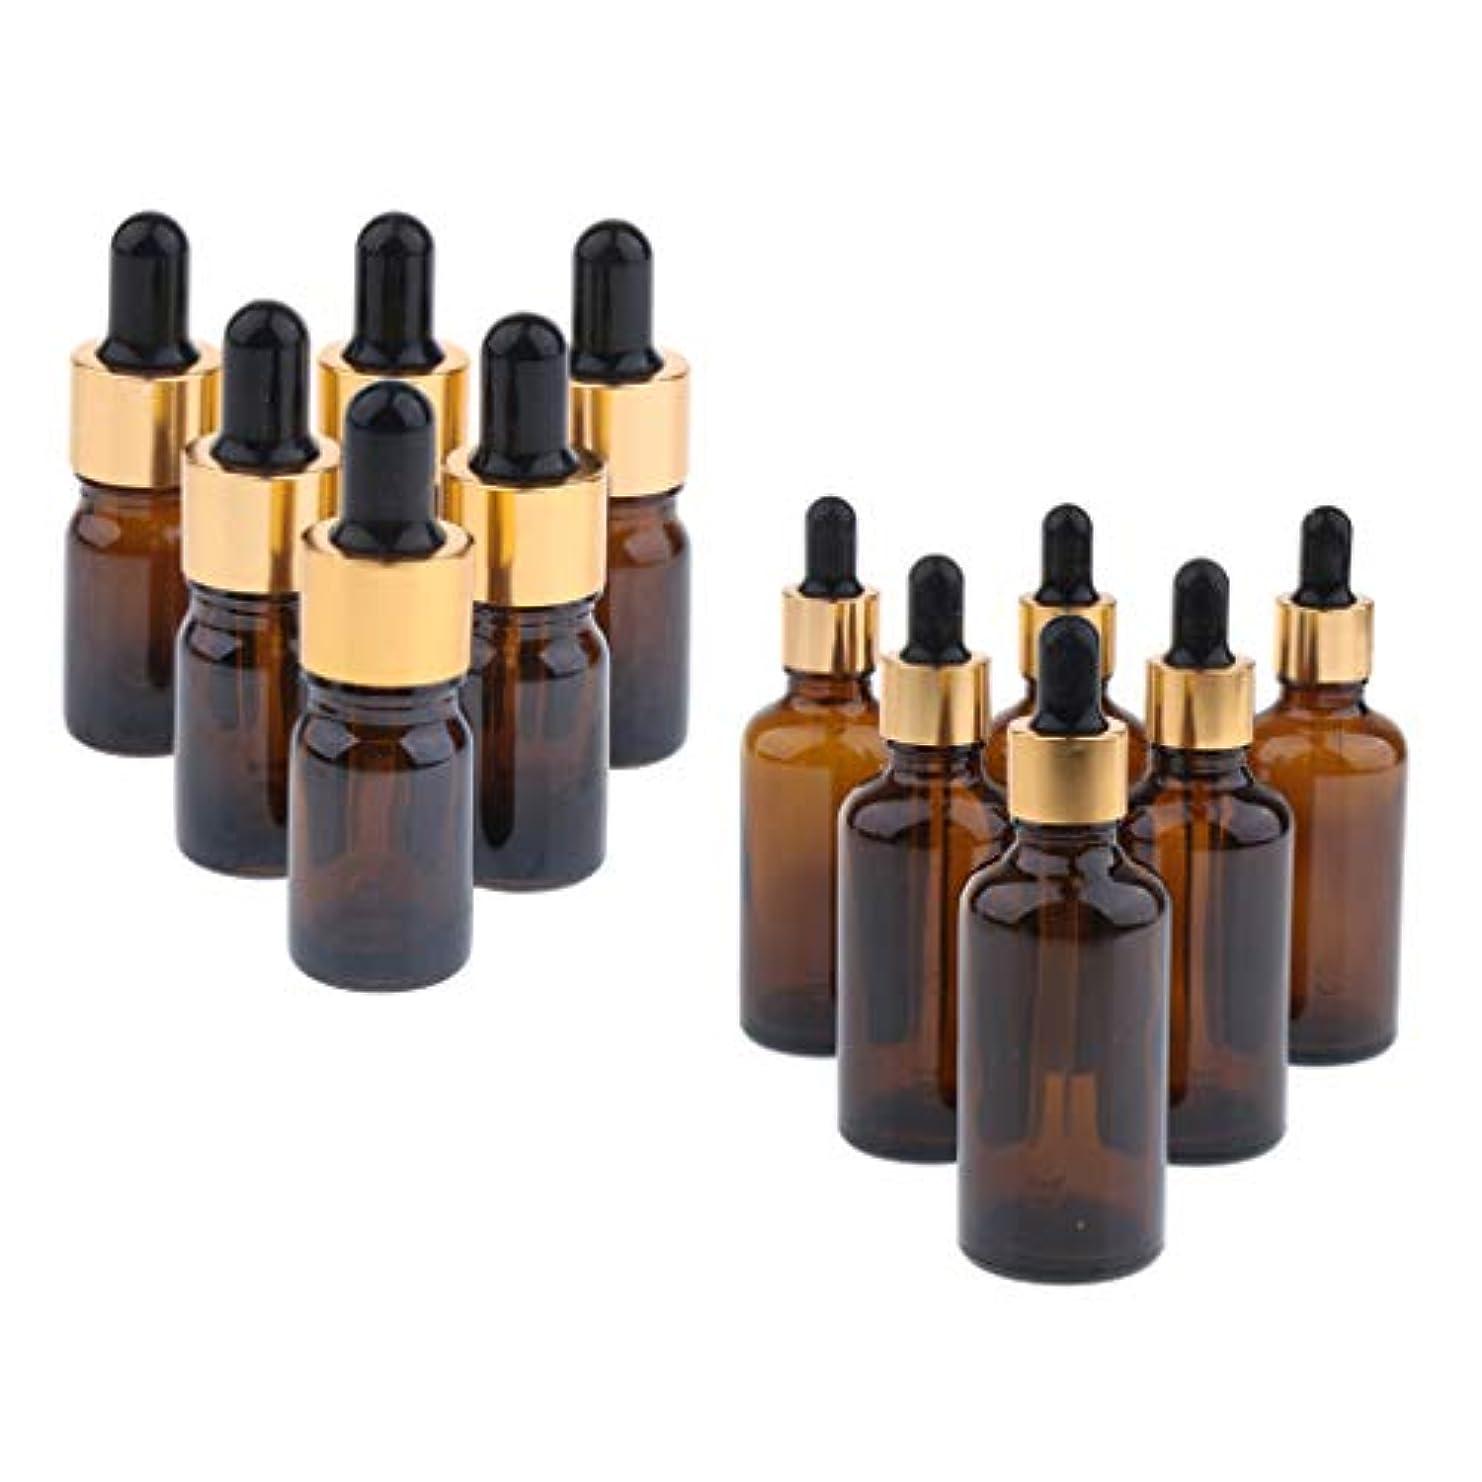 書くスリーブ主張するdailymall 12ピース詰め替え液体ストレージ点眼薬と白いキャップエッセンシャルオイルラウンドボトルメイクアップサンプルバイアル化粧品ボトル10 Ml + 50 Ml